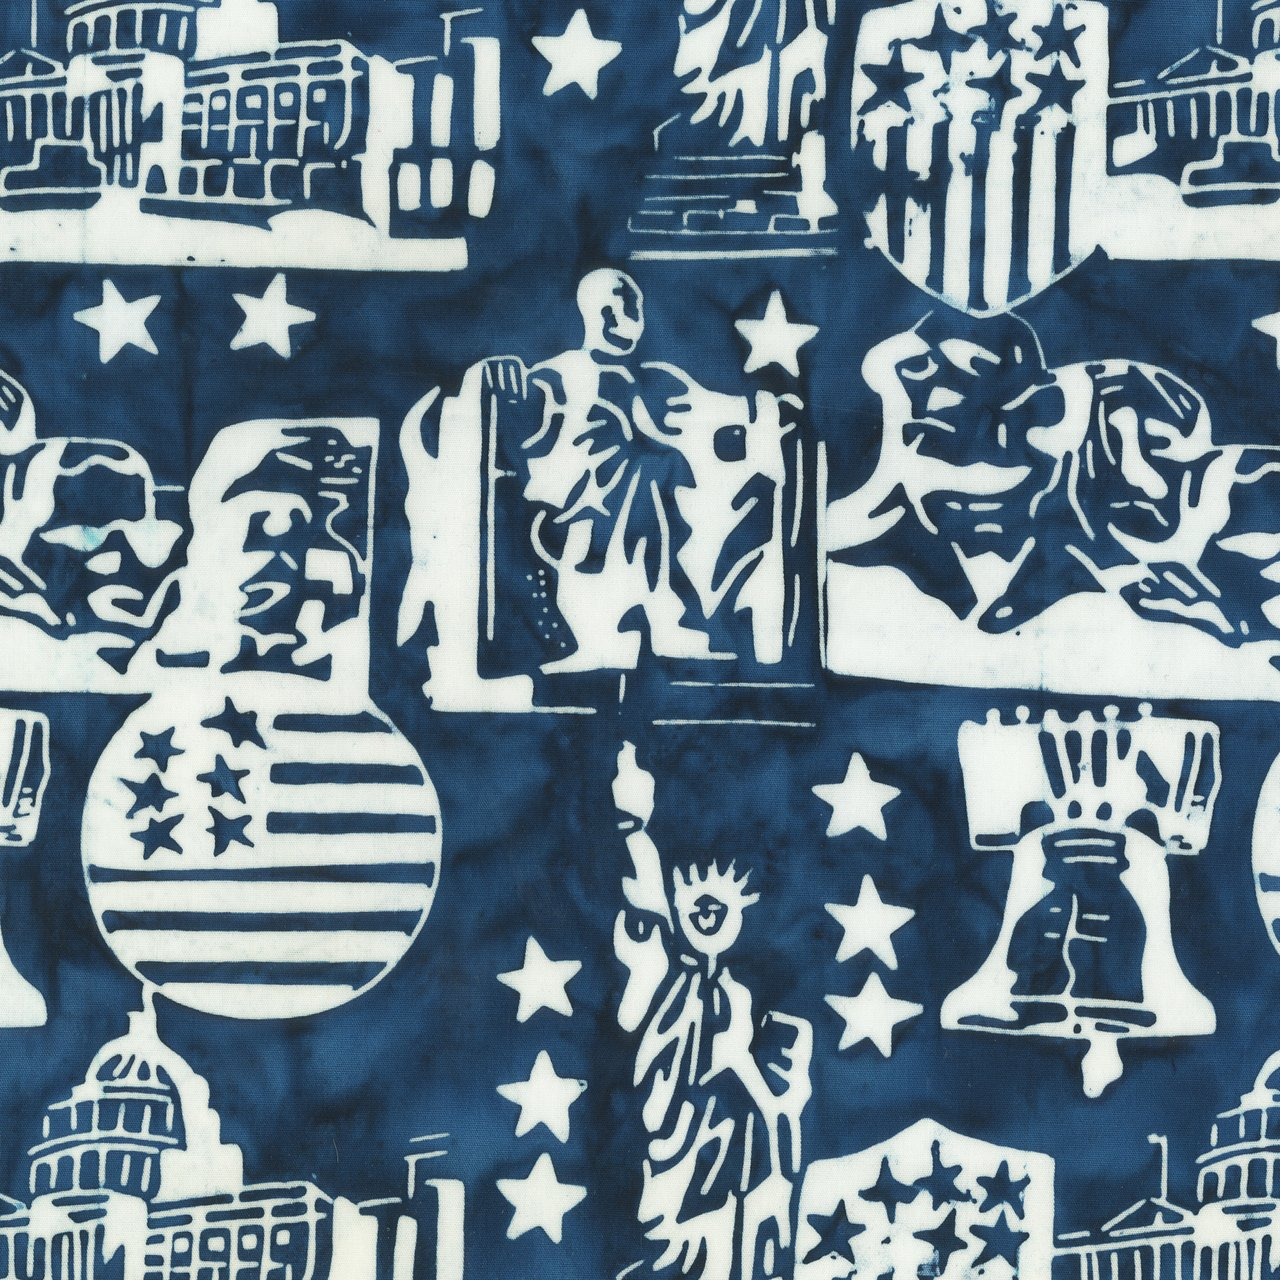 9000Q-3 Freedom Batiks by Anthology Fabrics